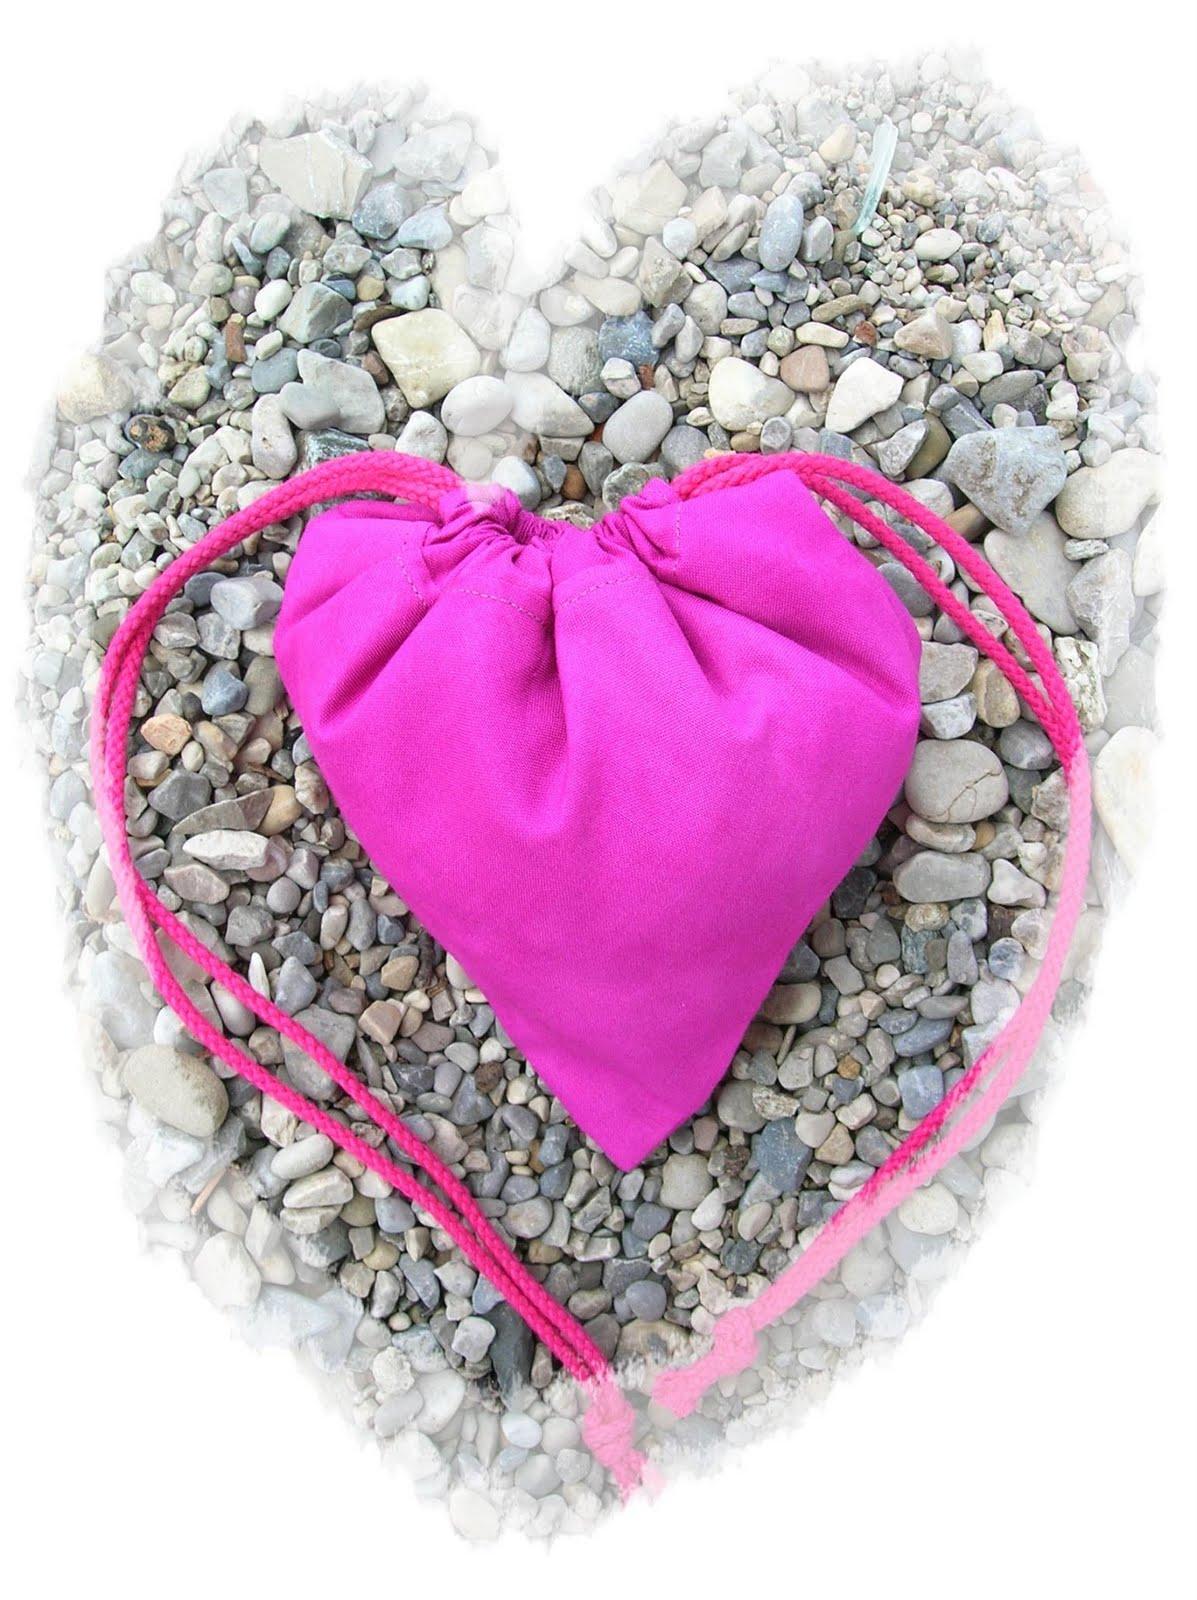 Federbärchen: Tasche mit Herz - Teil 1